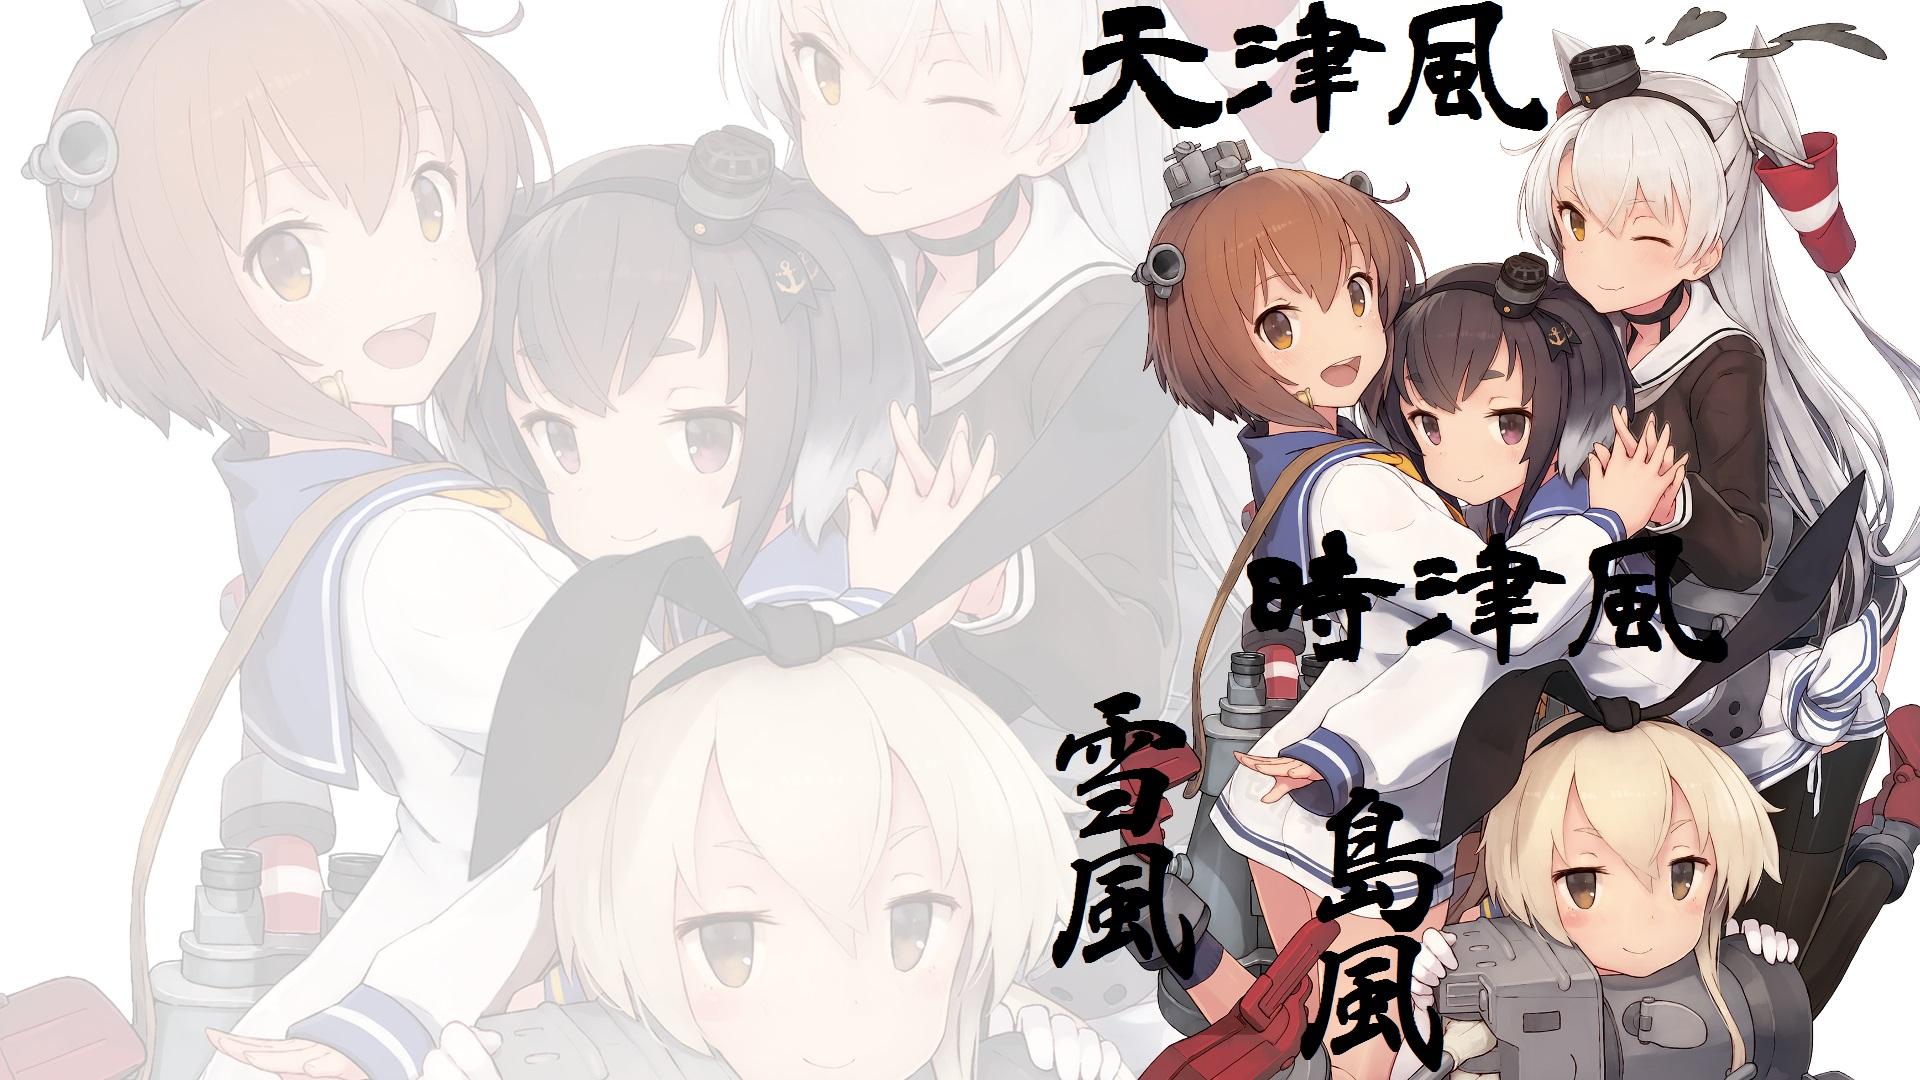 描き下ろしヴァイオリン大和 しずま駆逐艦の壁紙 Naruの今を生きる